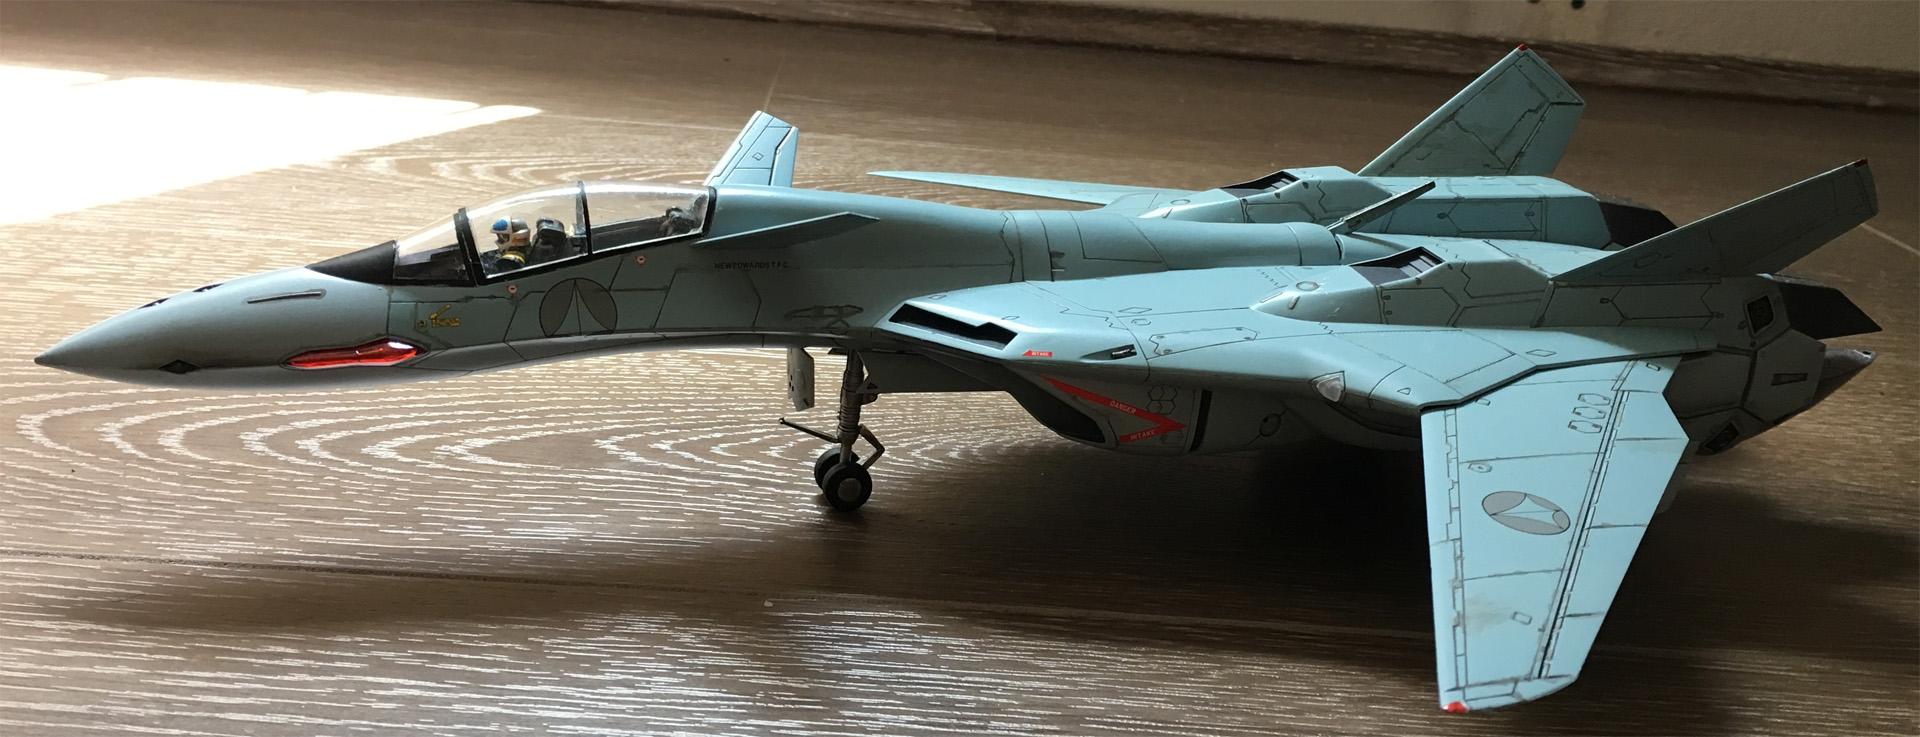 vf-19b-4.jpg